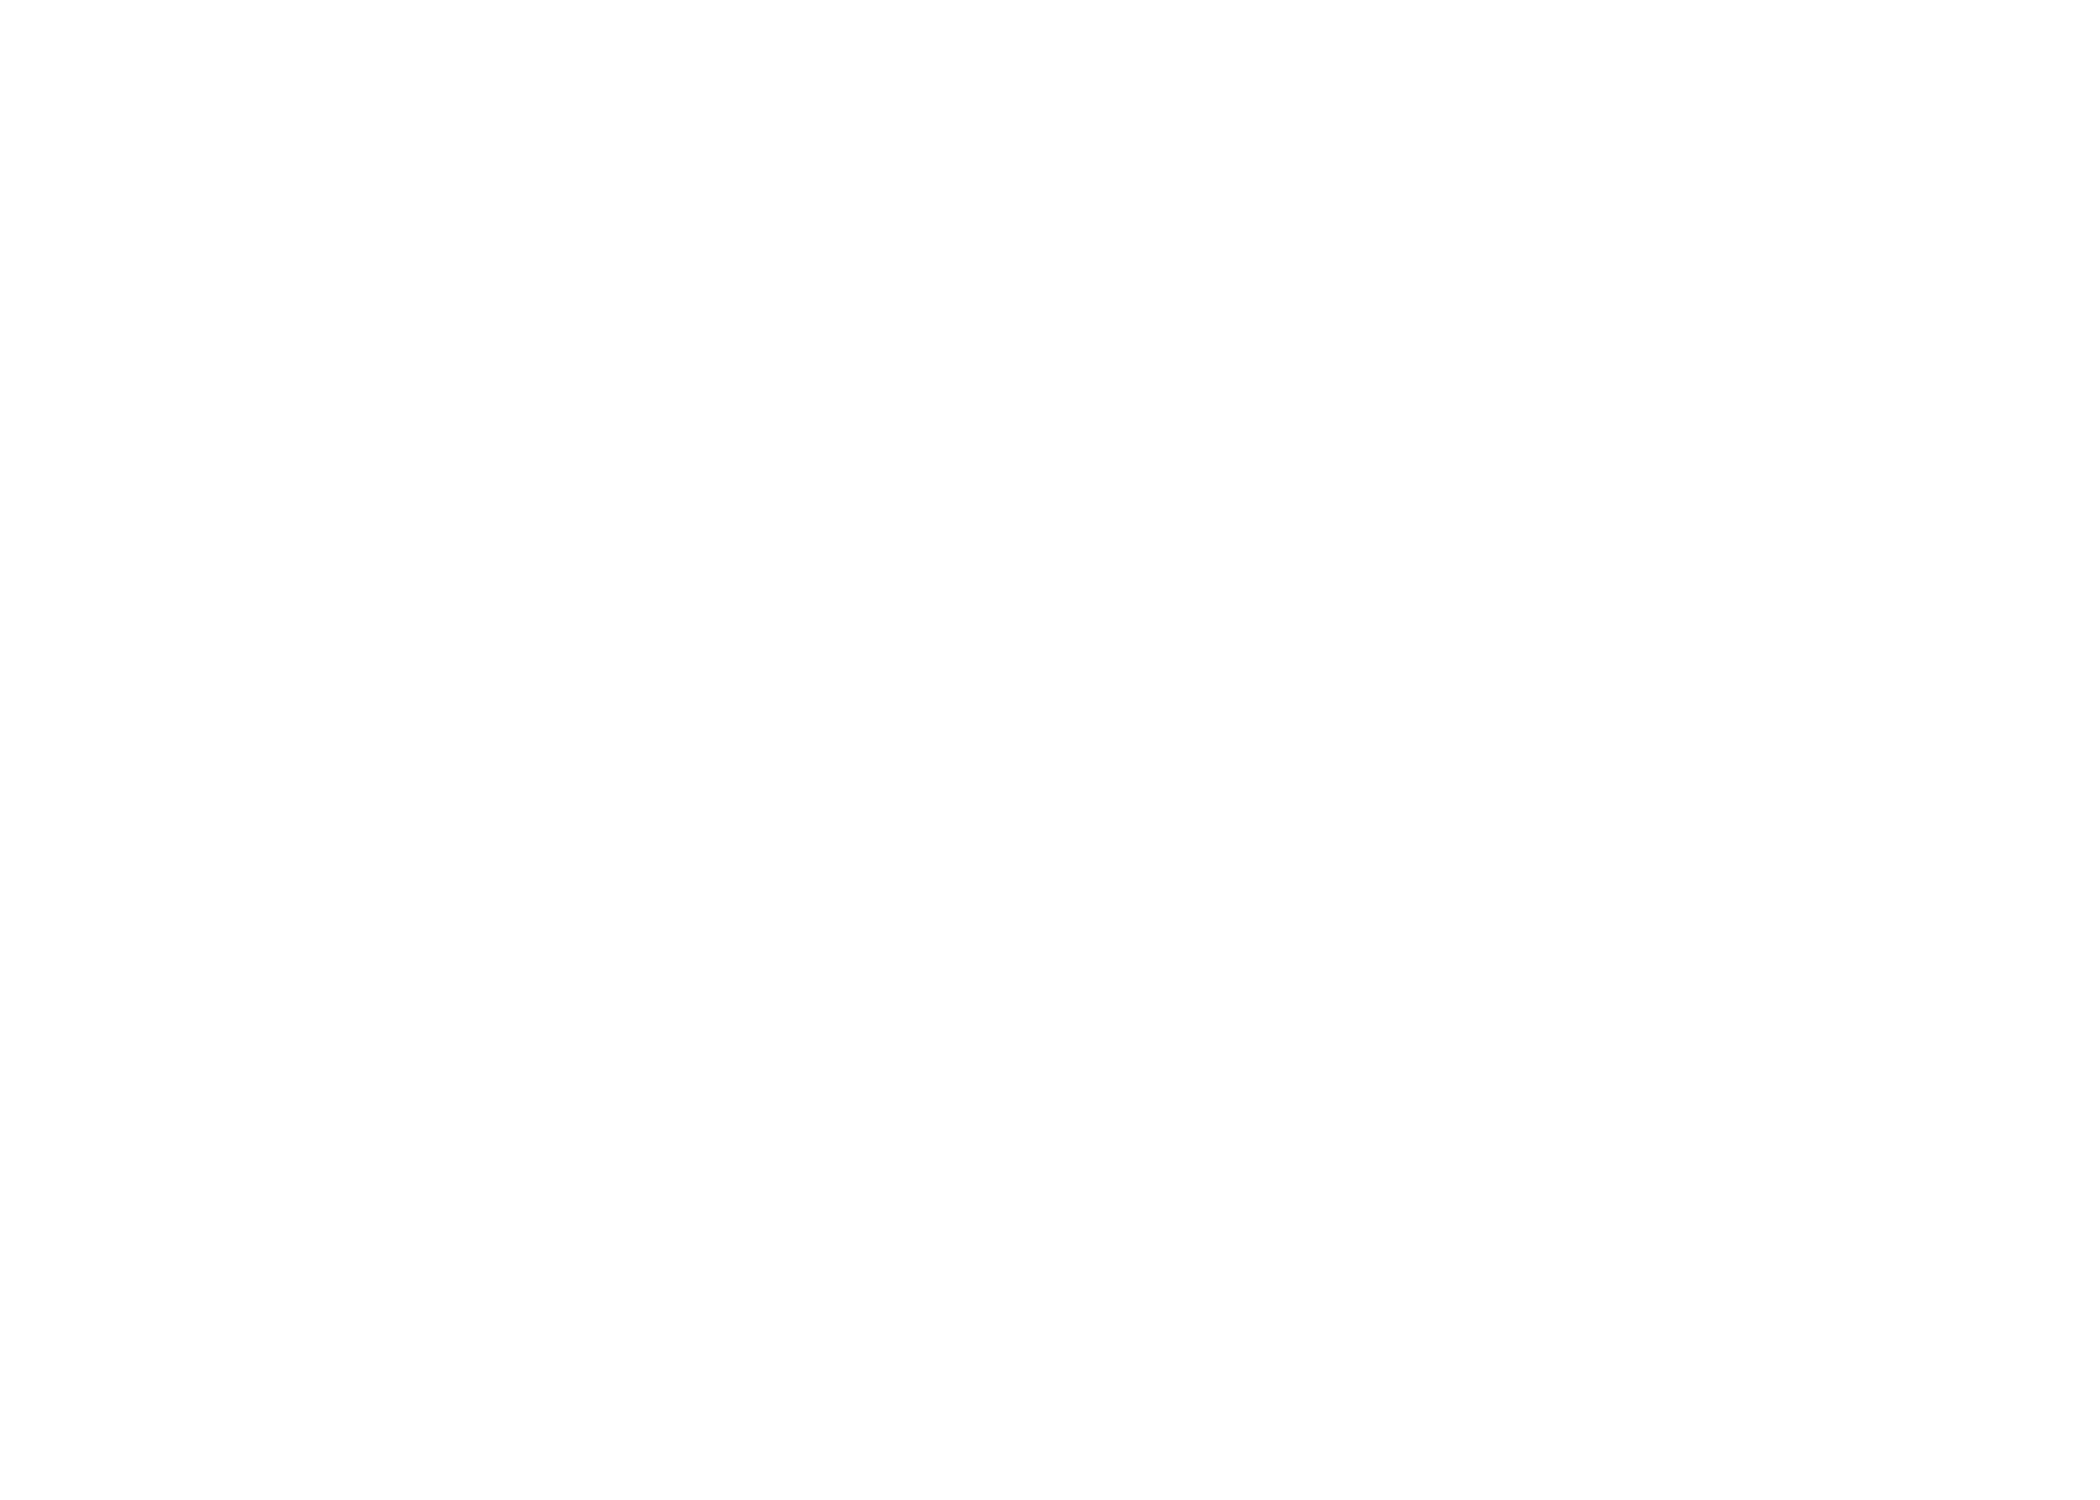 trees-white